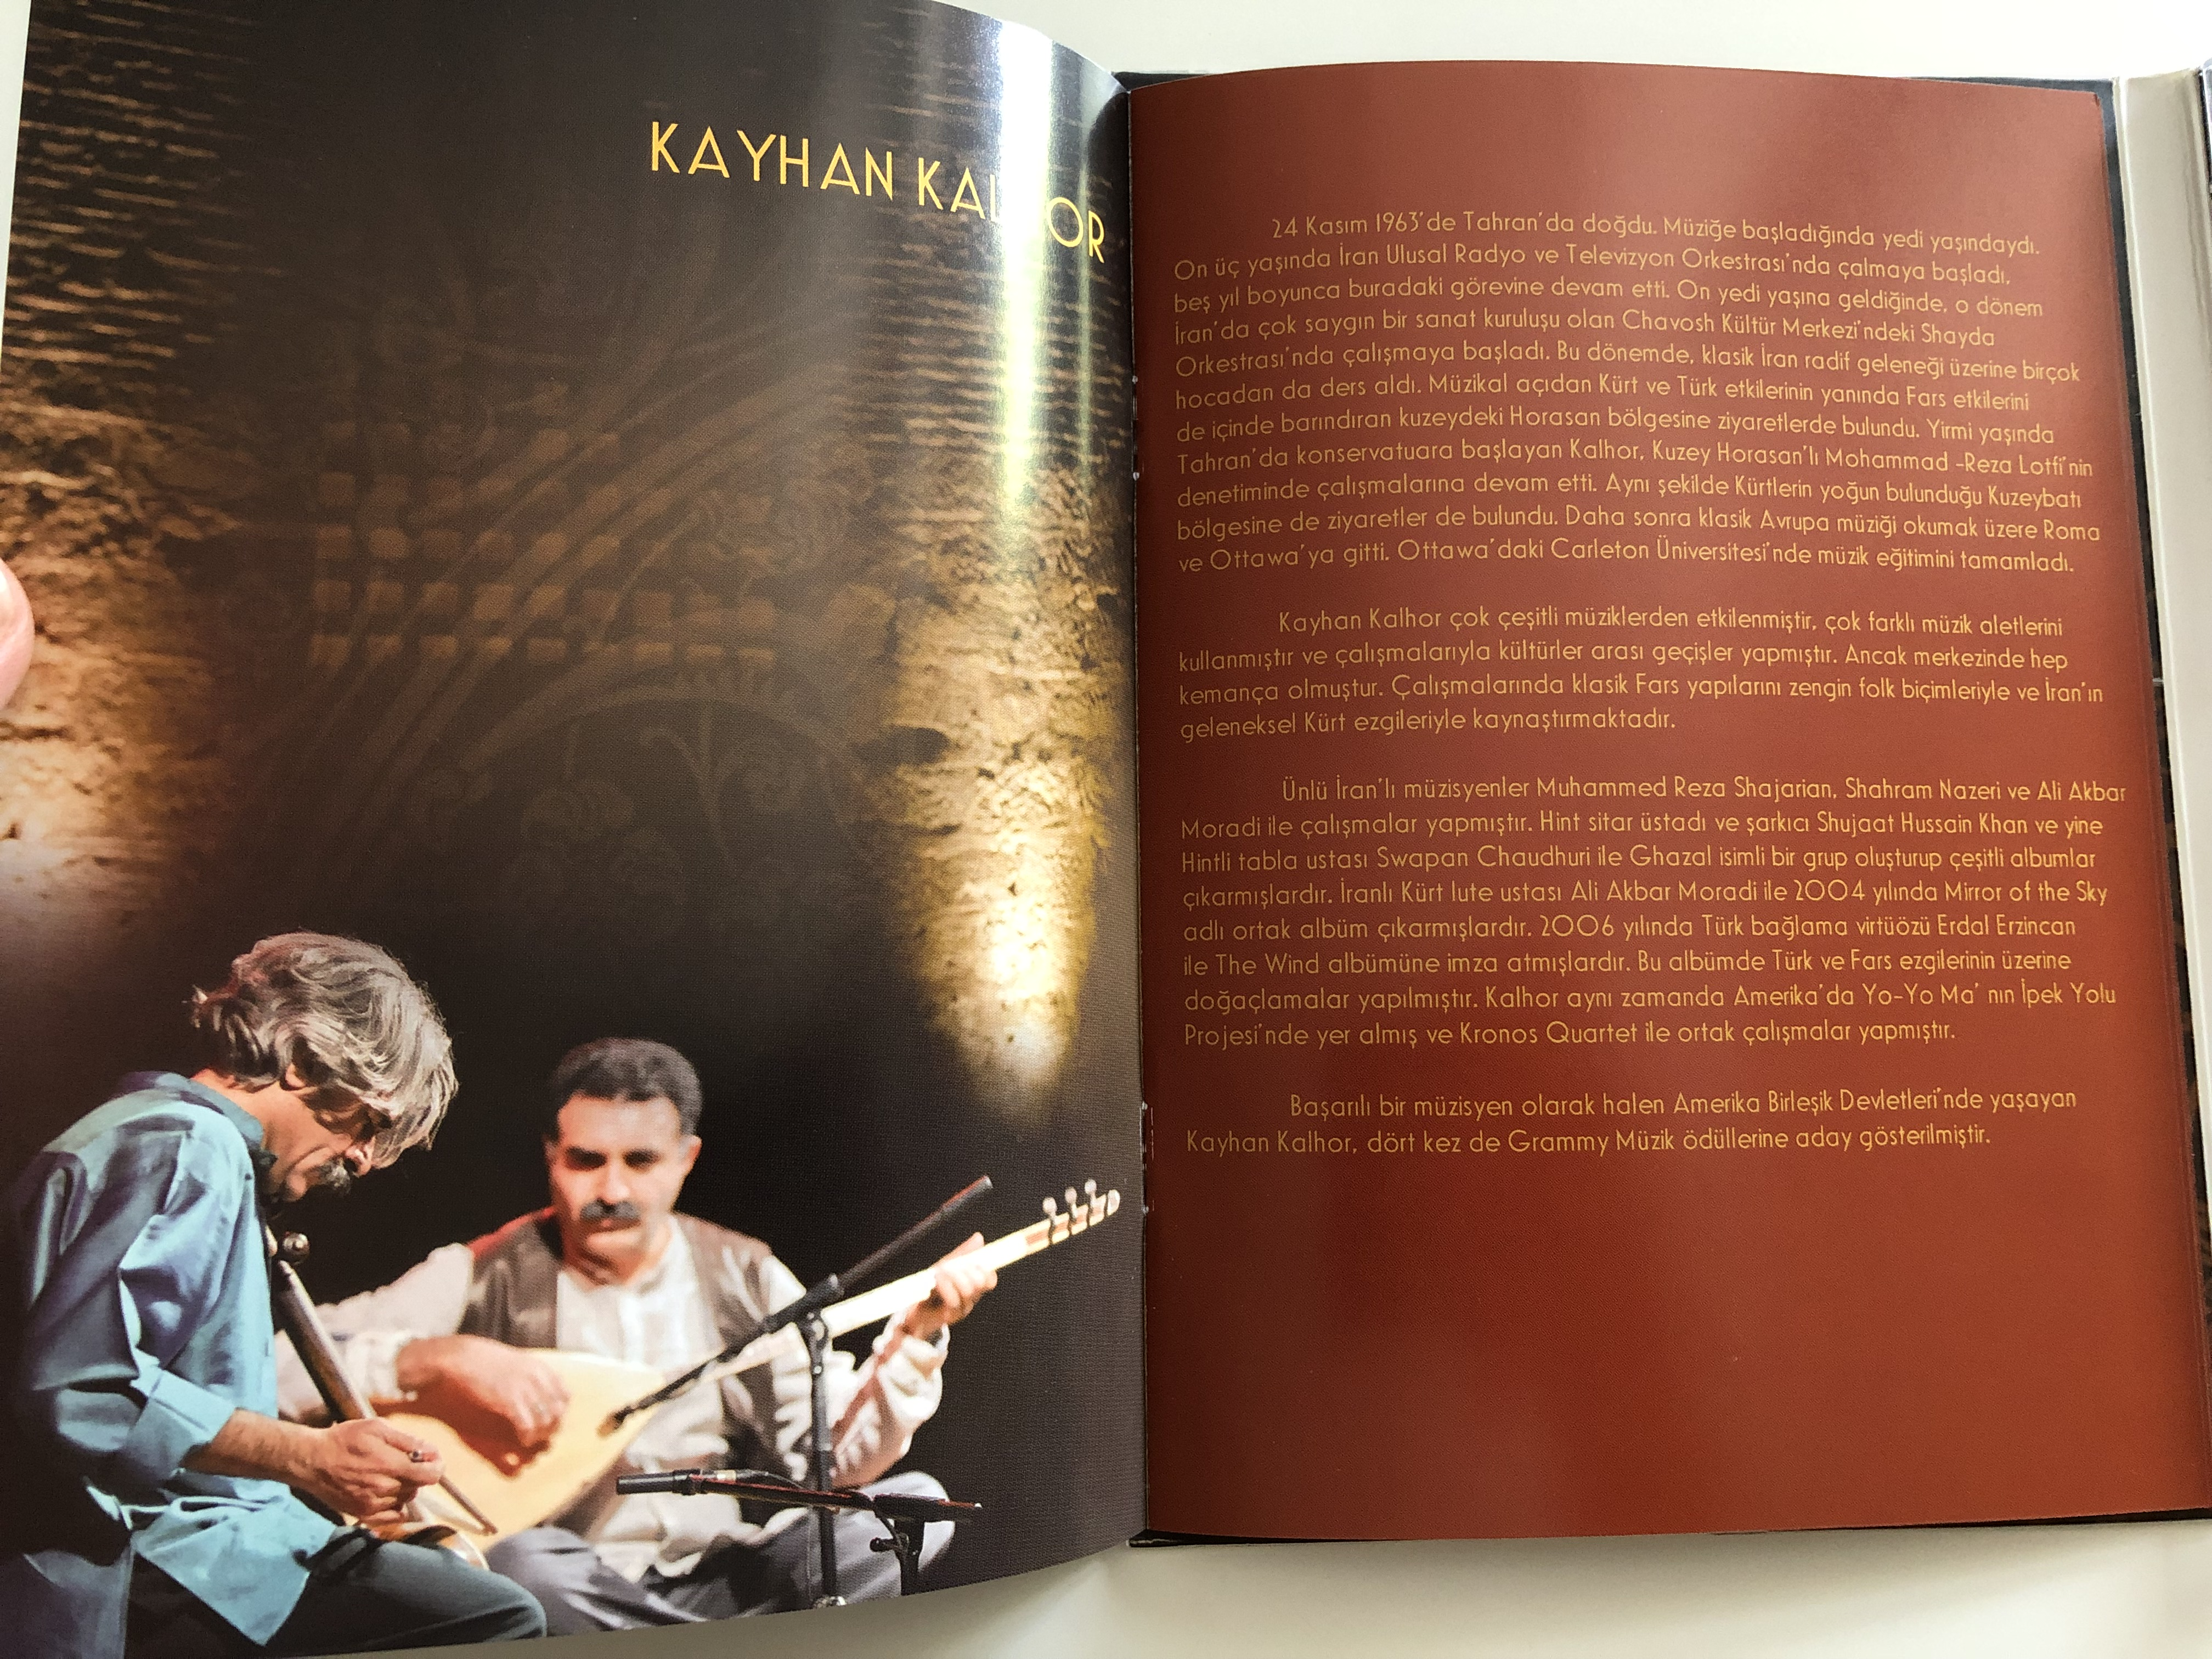 erdal-erzincan-kayhan-kalhor-tahran-konseri-live-in-tahran-dvd-2012-kalan-m-zik-live-concert-recording-8-.jpg